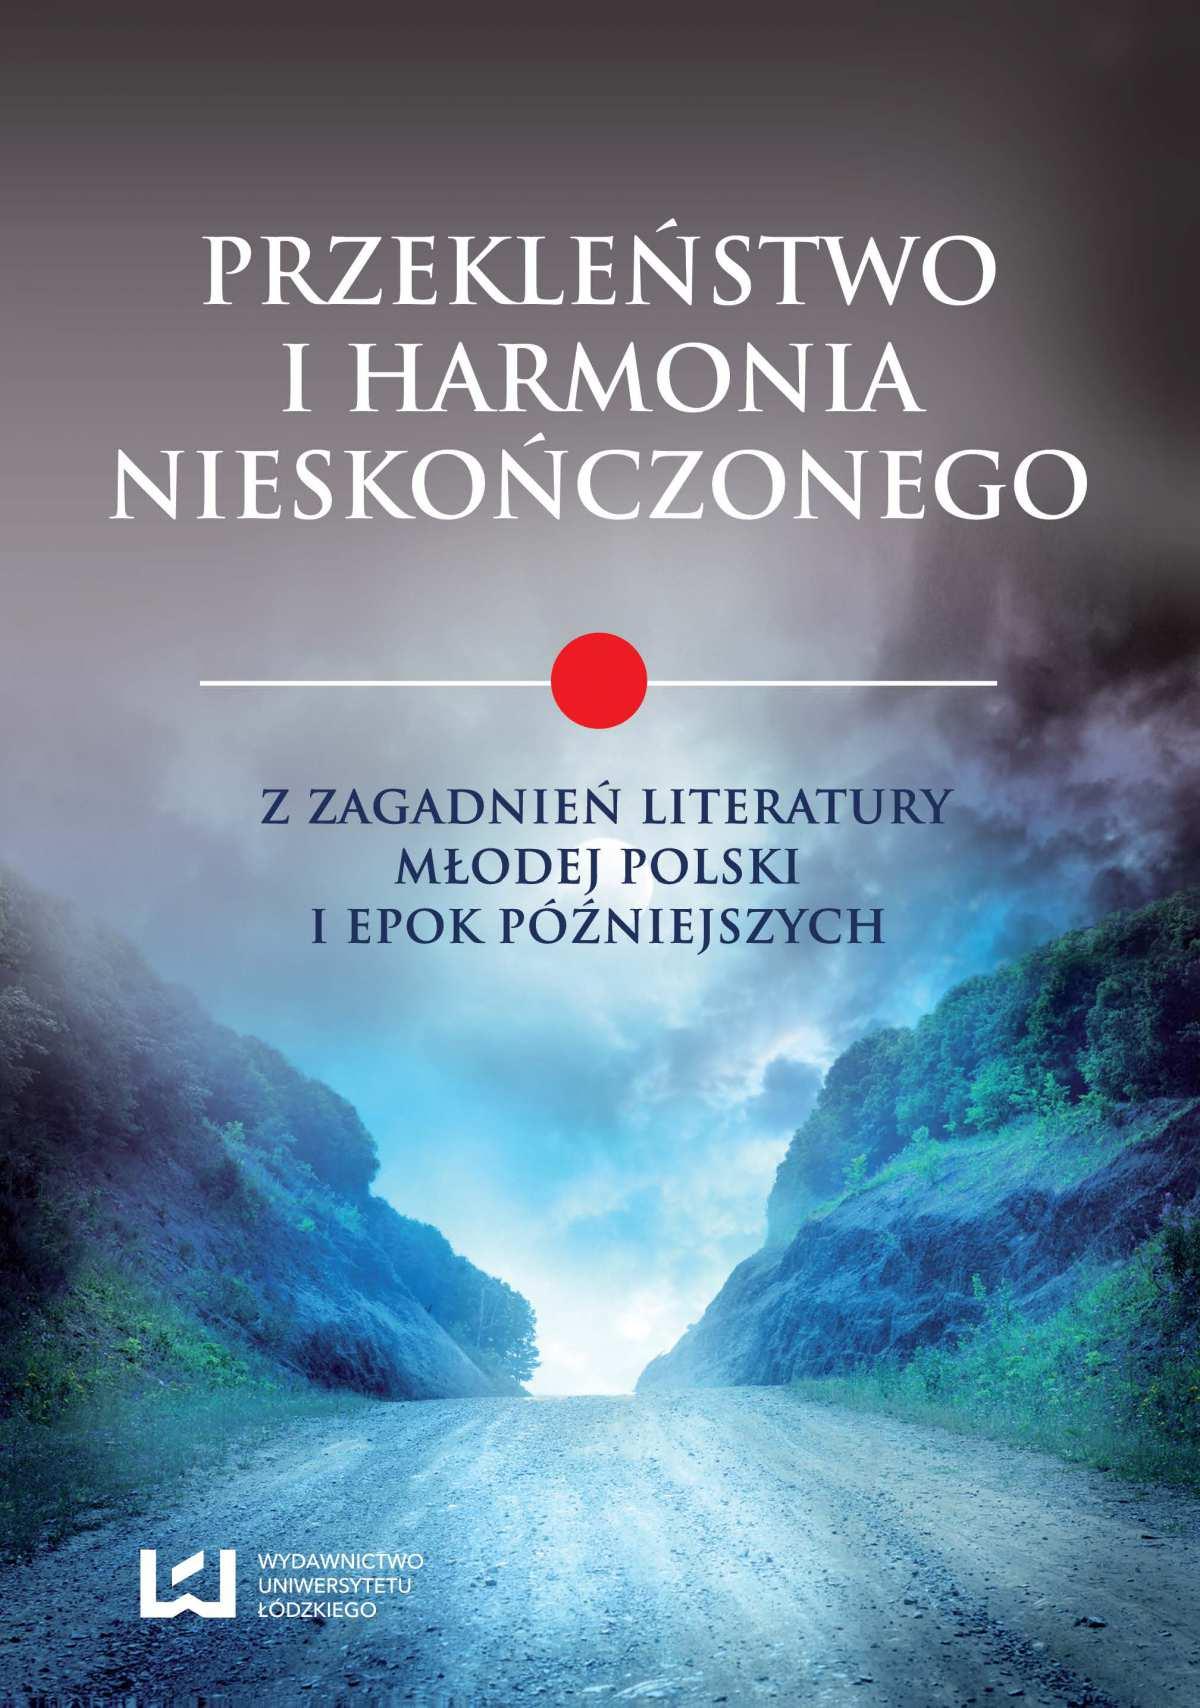 Przekleństwo i harmonia nieskończonego. Z zagadnień literatury Młodej Polski i epok późniejszych - Ebook (Książka PDF) do pobrania w formacie PDF